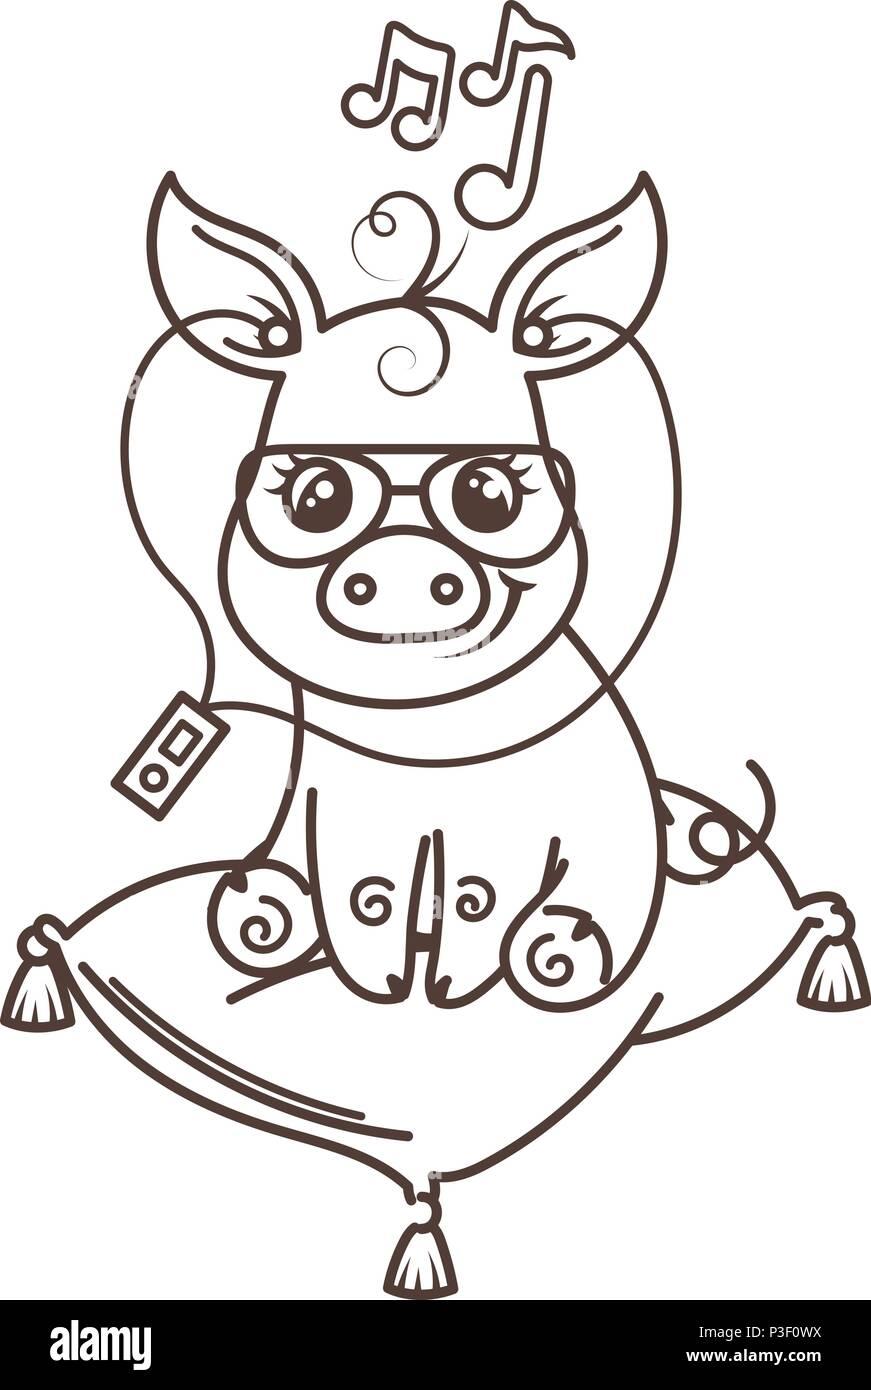 Cute Cartoon Bébé Cochon Dans Un Endroit Frais Et Lunettes